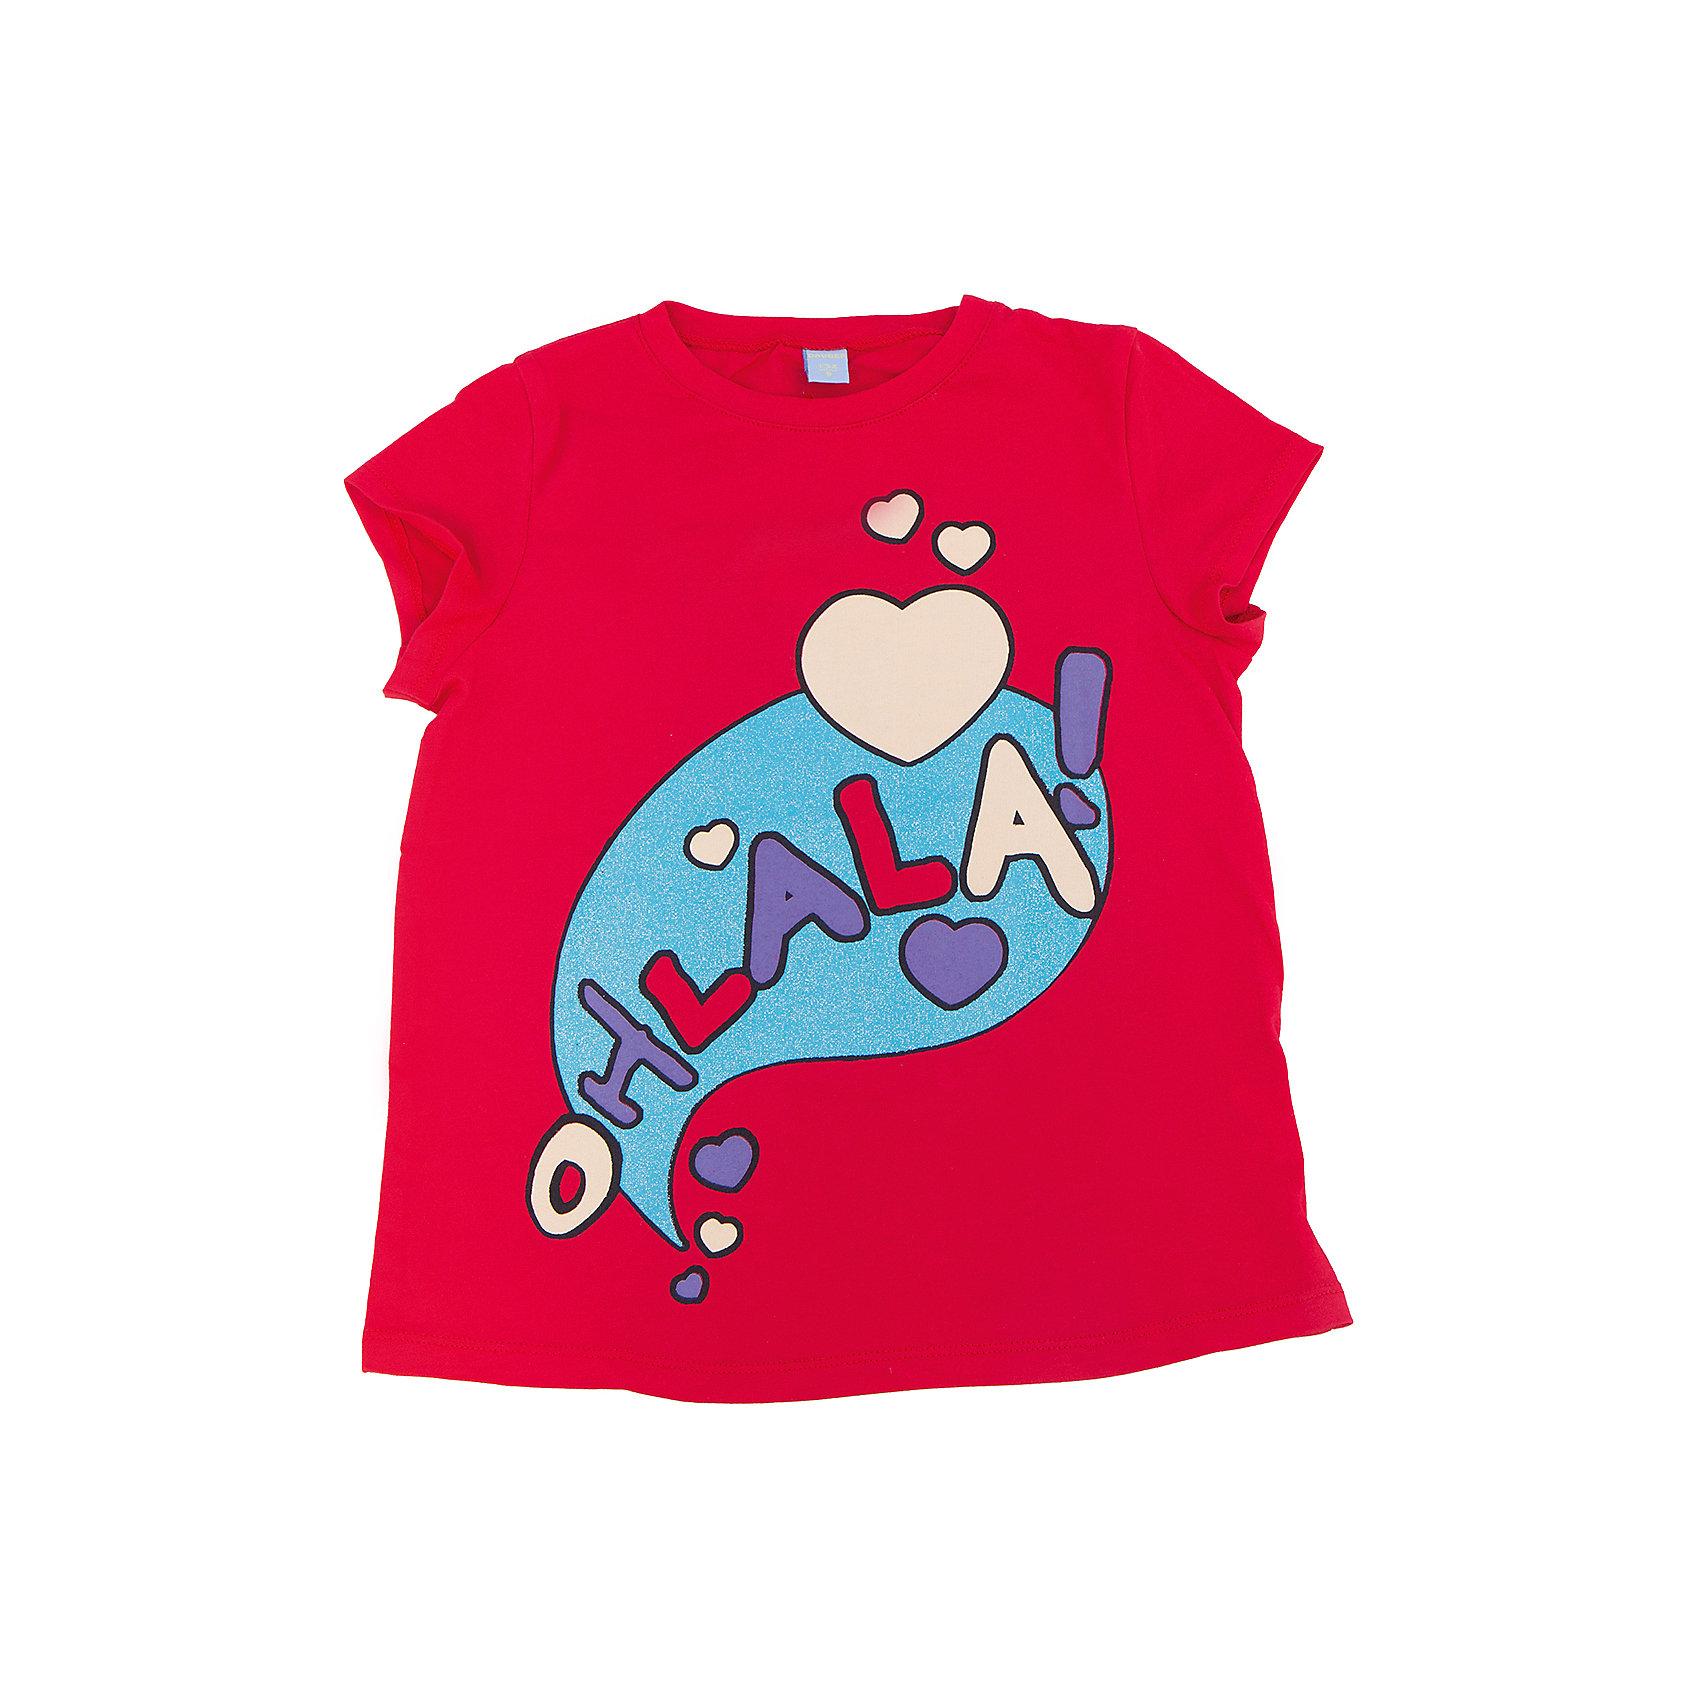 Футболка для девочки DAUBERФутболки, поло и топы<br>Футболка для девочки DAUBER<br><br>Характеристики:<br><br>• Состав: 100%хлопок.<br>• Цвет: красный.<br>• Материал: трикотаж.<br><br>Футболка для девочки от российского бренда DAUBER.<br>Модная футболка красного цвета выполнена из хлопкового трикотажа. Оригинальный забавный принт не оставит равнодушной вашу малышку. Натуральный хлопок в составе изделия делает его дышащим, приятным на ощупь и гипоаллергенным. Мягкая обтачка на горловине не вызовет трудностей при надевании. В такой футболке ваша девочка будет чувствовать себя комфортно и уютно.<br><br>Футболка для девочки DAUBER, можно купить в нашем интернет - магазине.<br><br>Ширина мм: 199<br>Глубина мм: 10<br>Высота мм: 161<br>Вес г: 151<br>Цвет: красный<br>Возраст от месяцев: 132<br>Возраст до месяцев: 144<br>Пол: Женский<br>Возраст: Детский<br>Размер: 152,134,140,146,128<br>SKU: 4953440